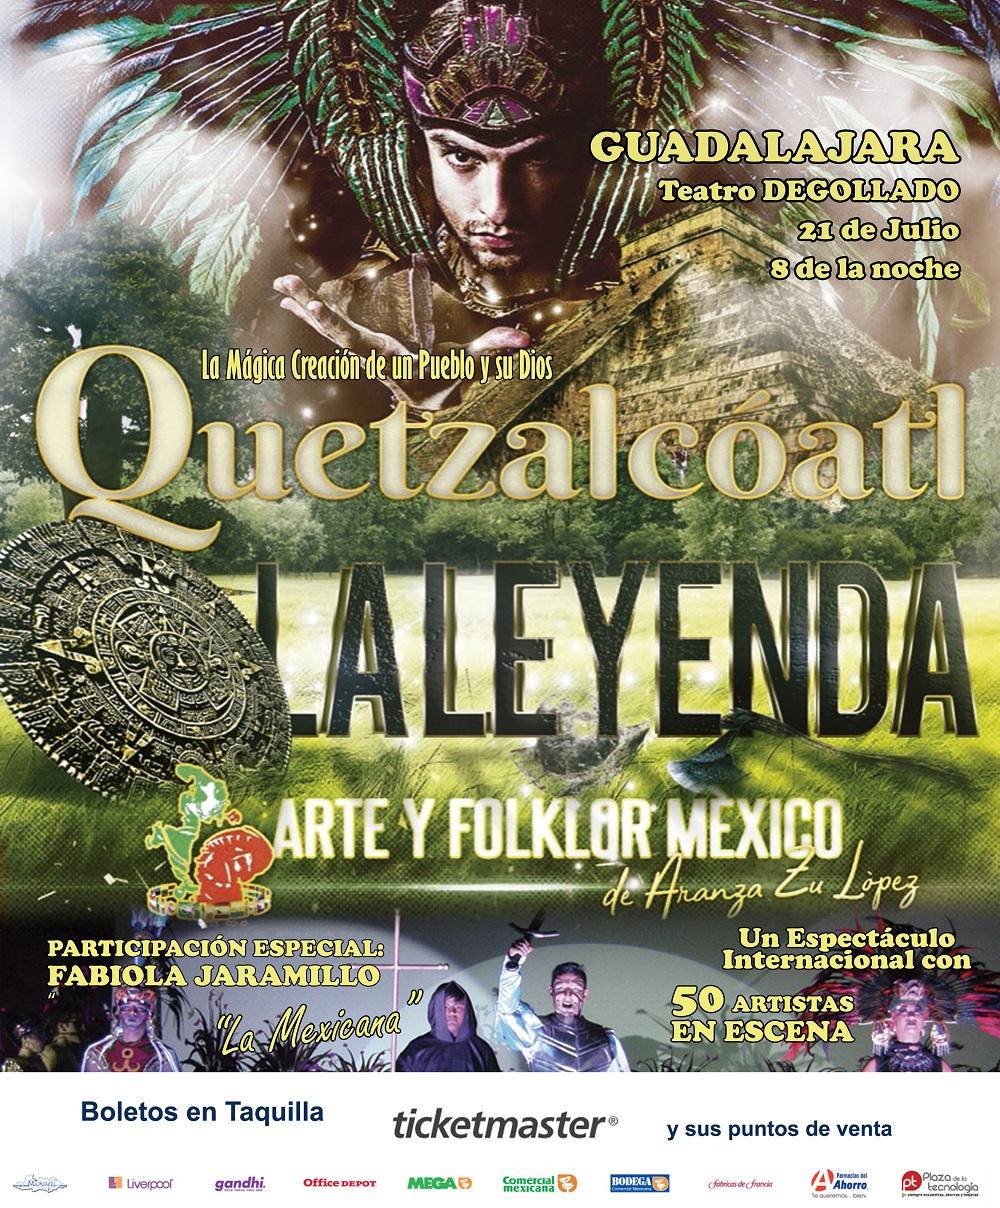 #DateAlaFuga #Cortesías / Quetzalcóatl, la leyenda / Teatro Degollado